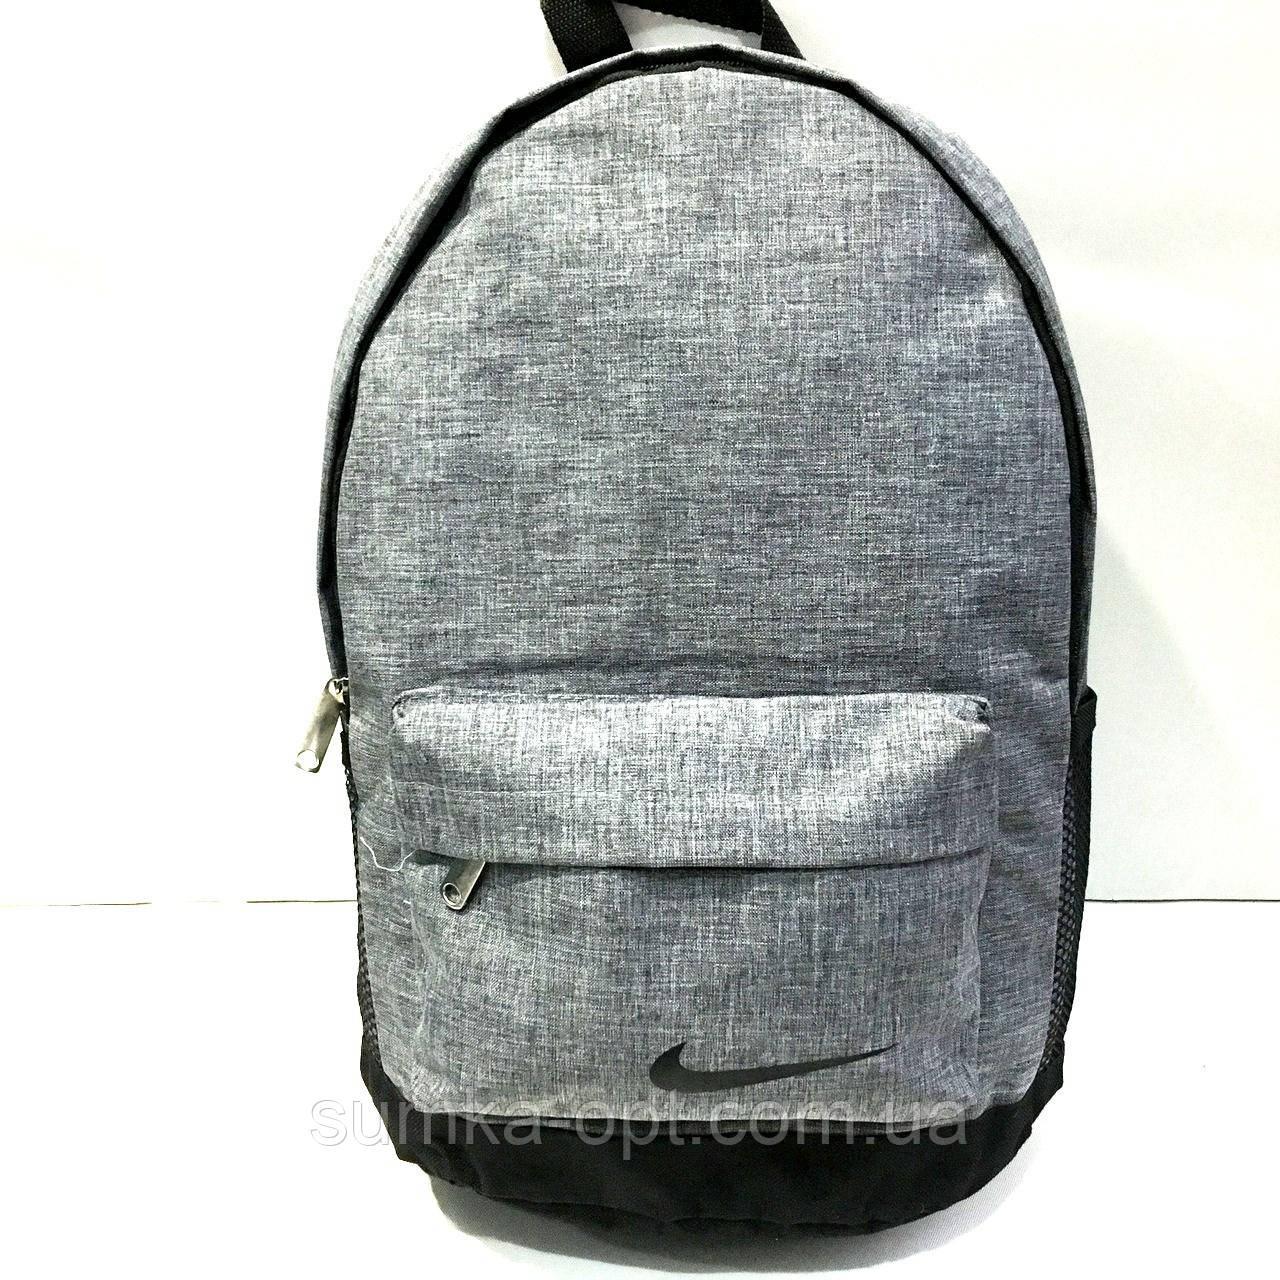 Рюкзаки спортивные текстиль под джинс Nike (серый)28*40см